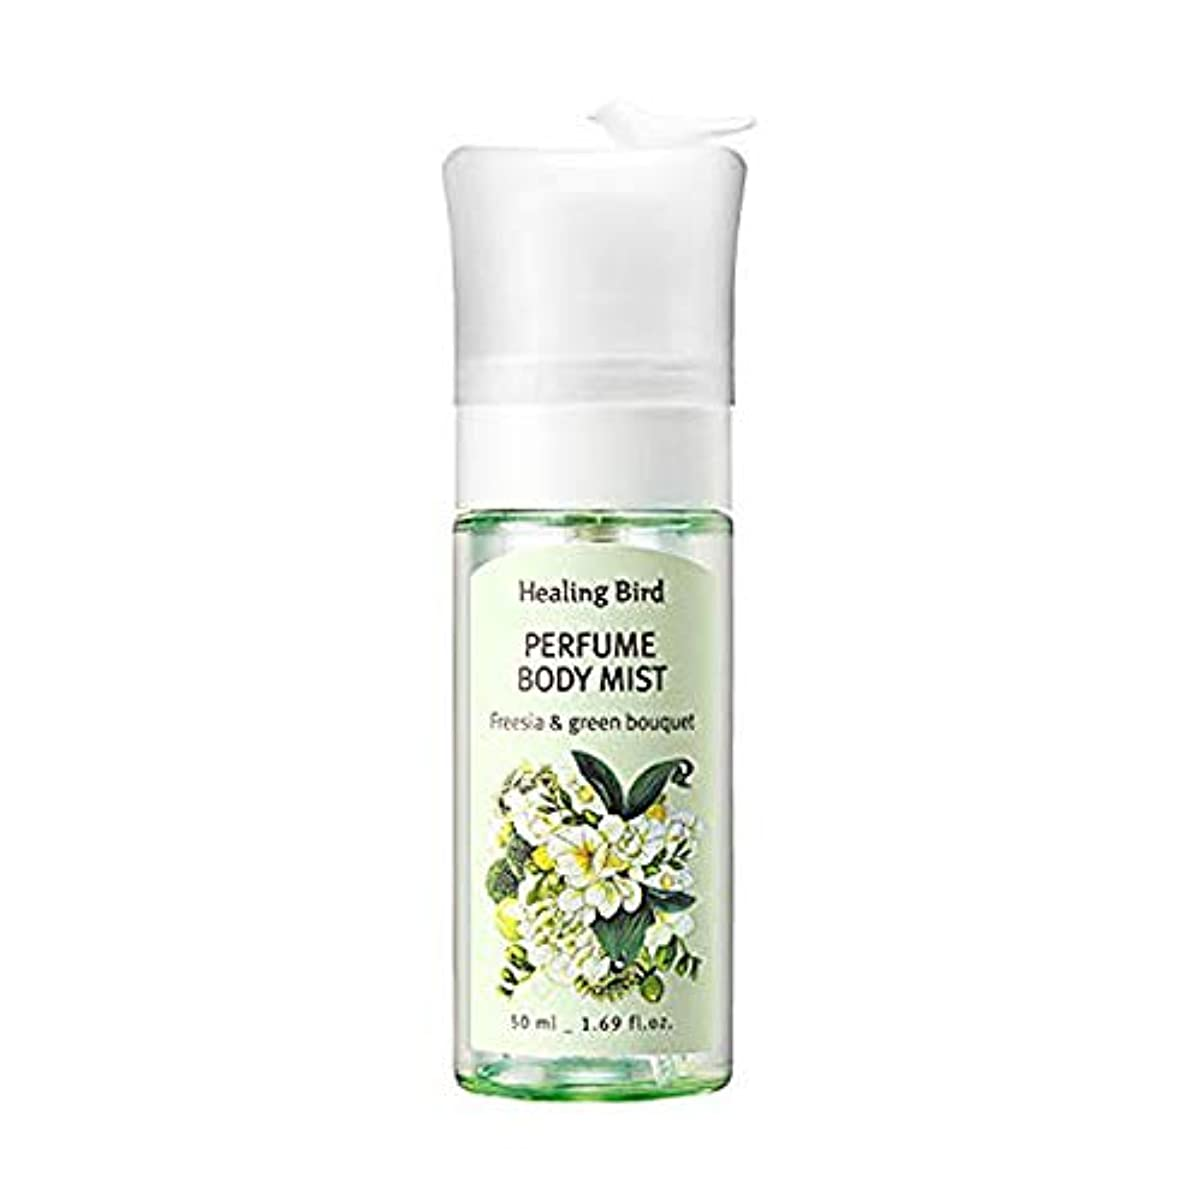 トレイルモンキー印象的Healing Bird Perfume Body Mist 50ml パヒュームボディミスト (Freesia & Green Bouquet) [並行輸入品]